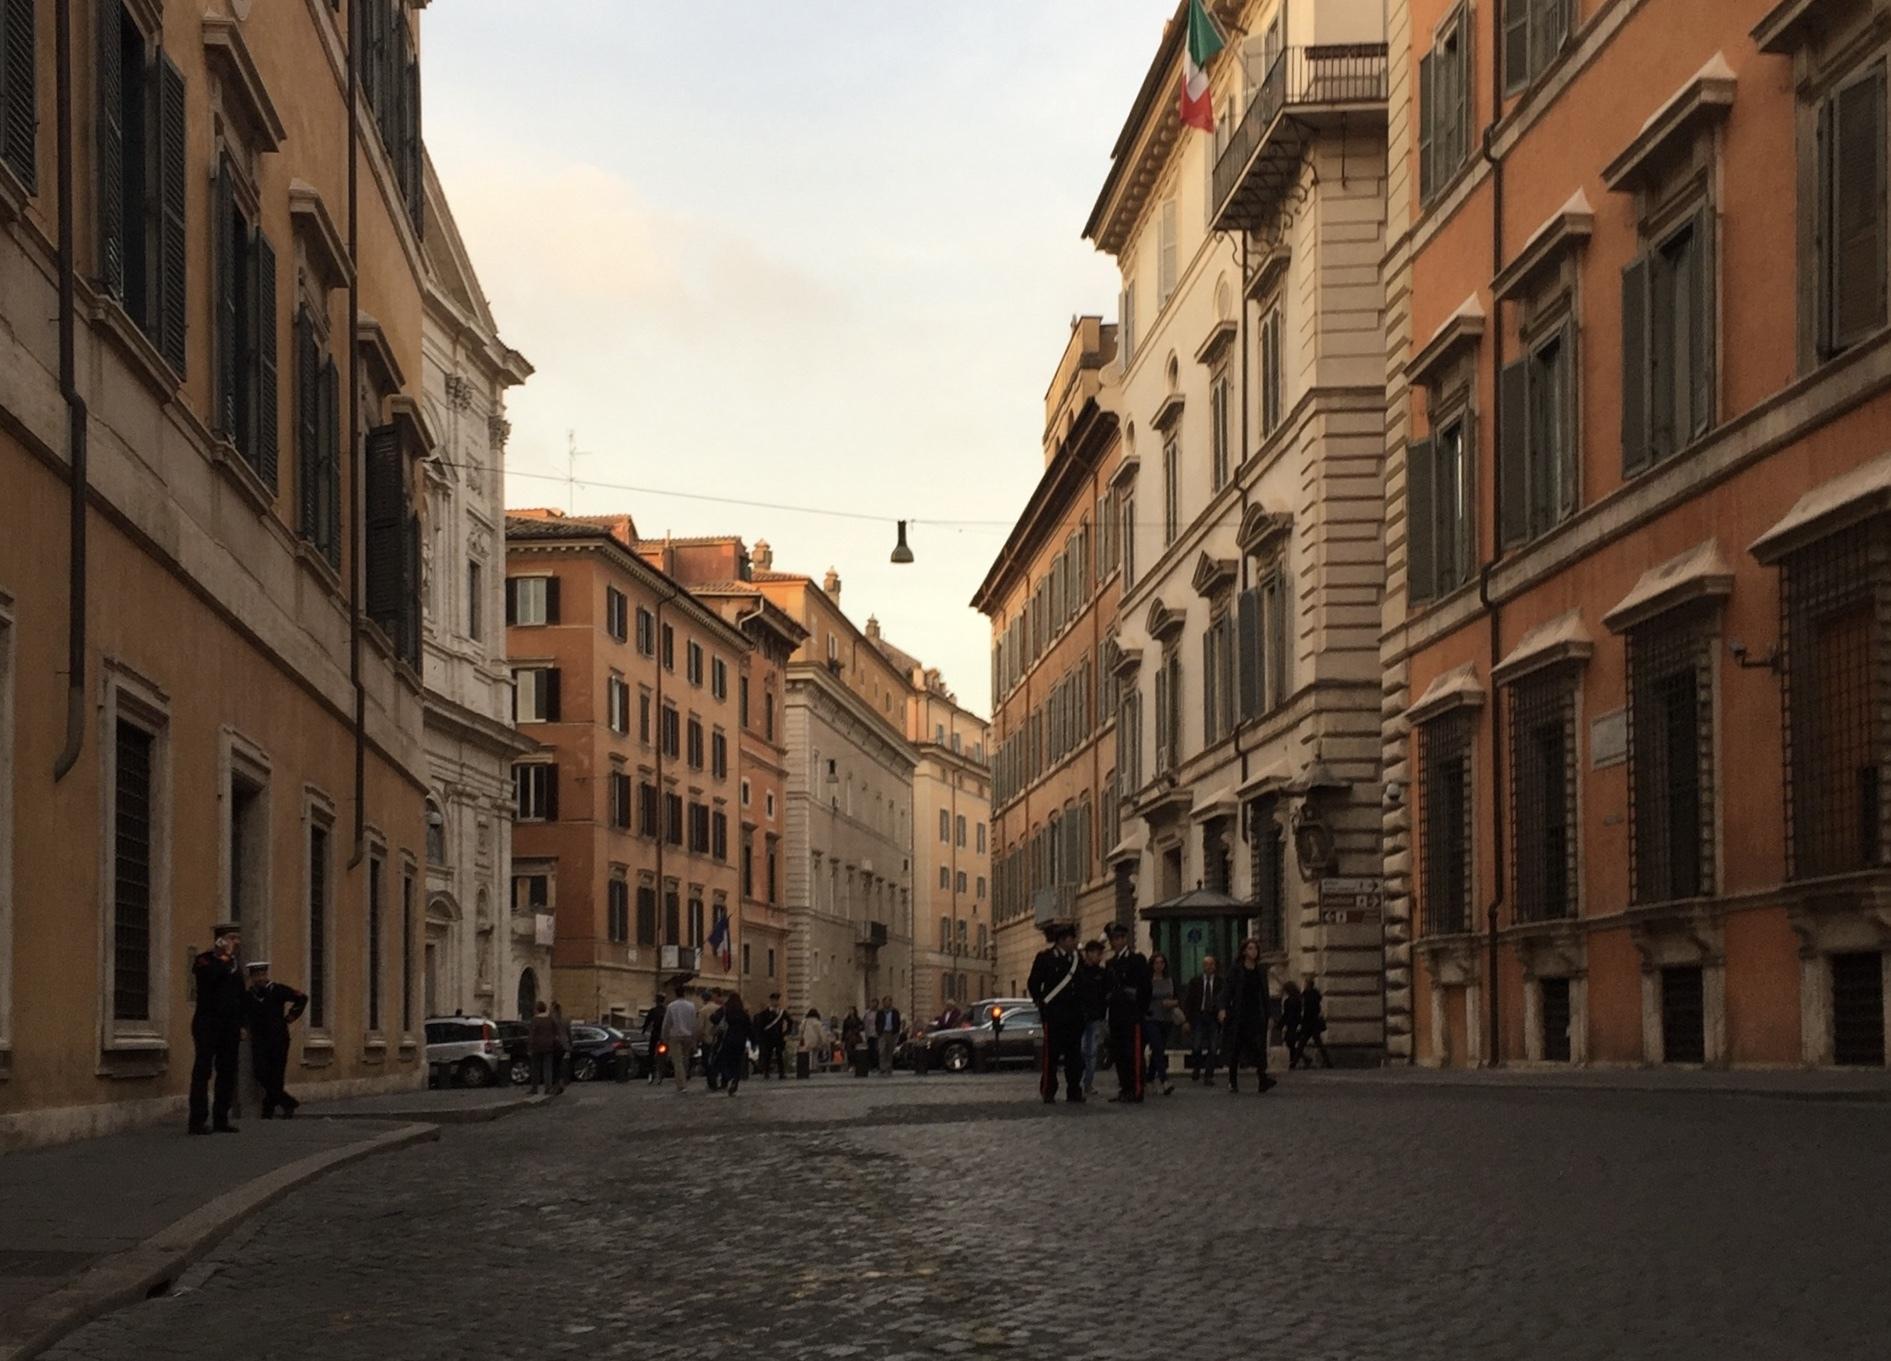 イタリアの人気観光スポット10選!楽しい旅行になるおすすめスポットをご紹介!